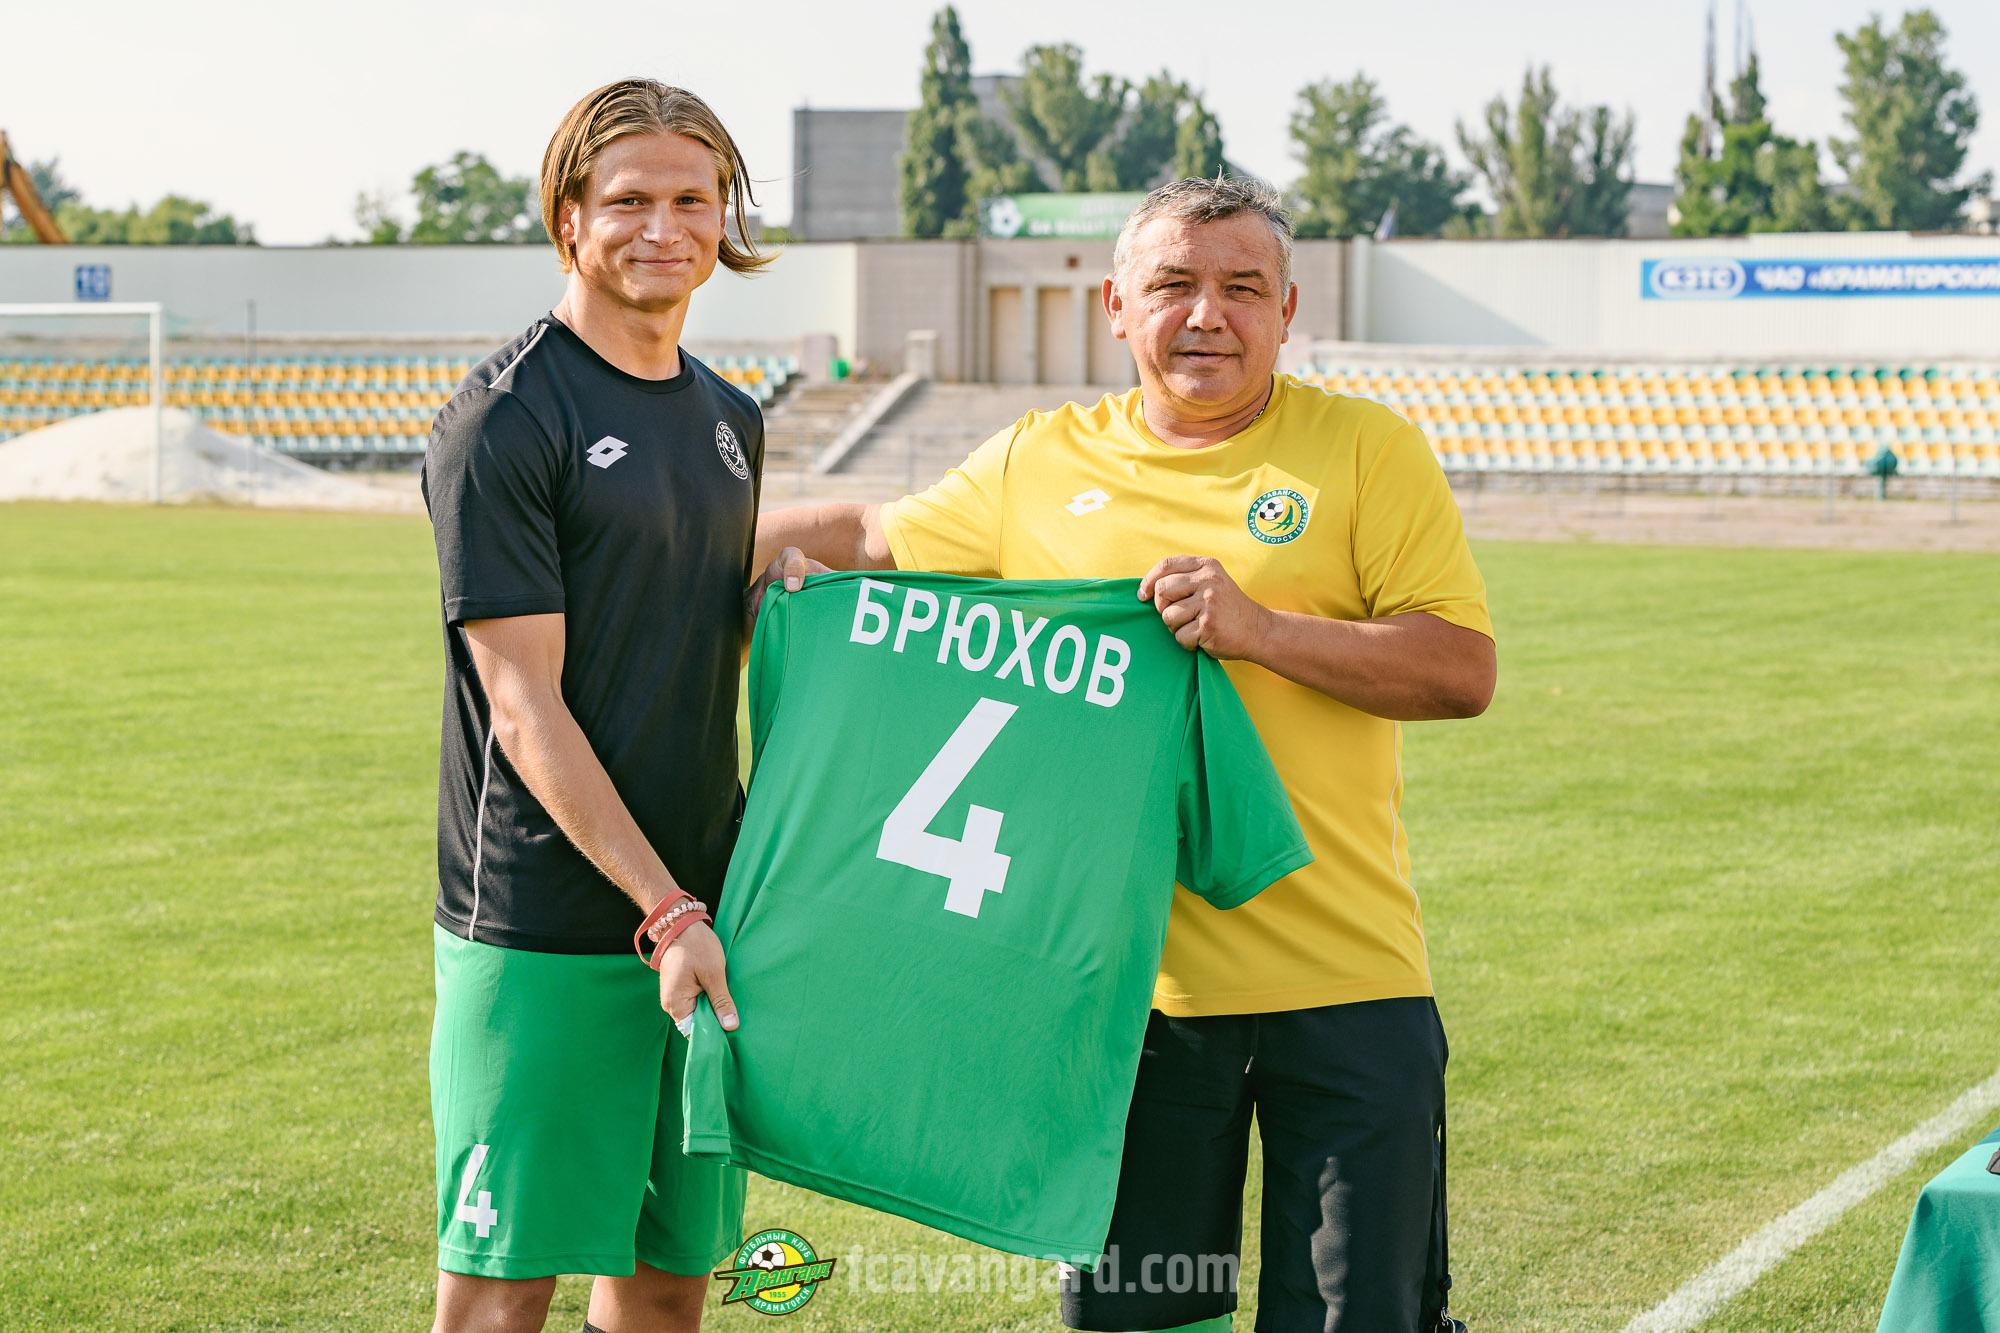 Илья Брюхов